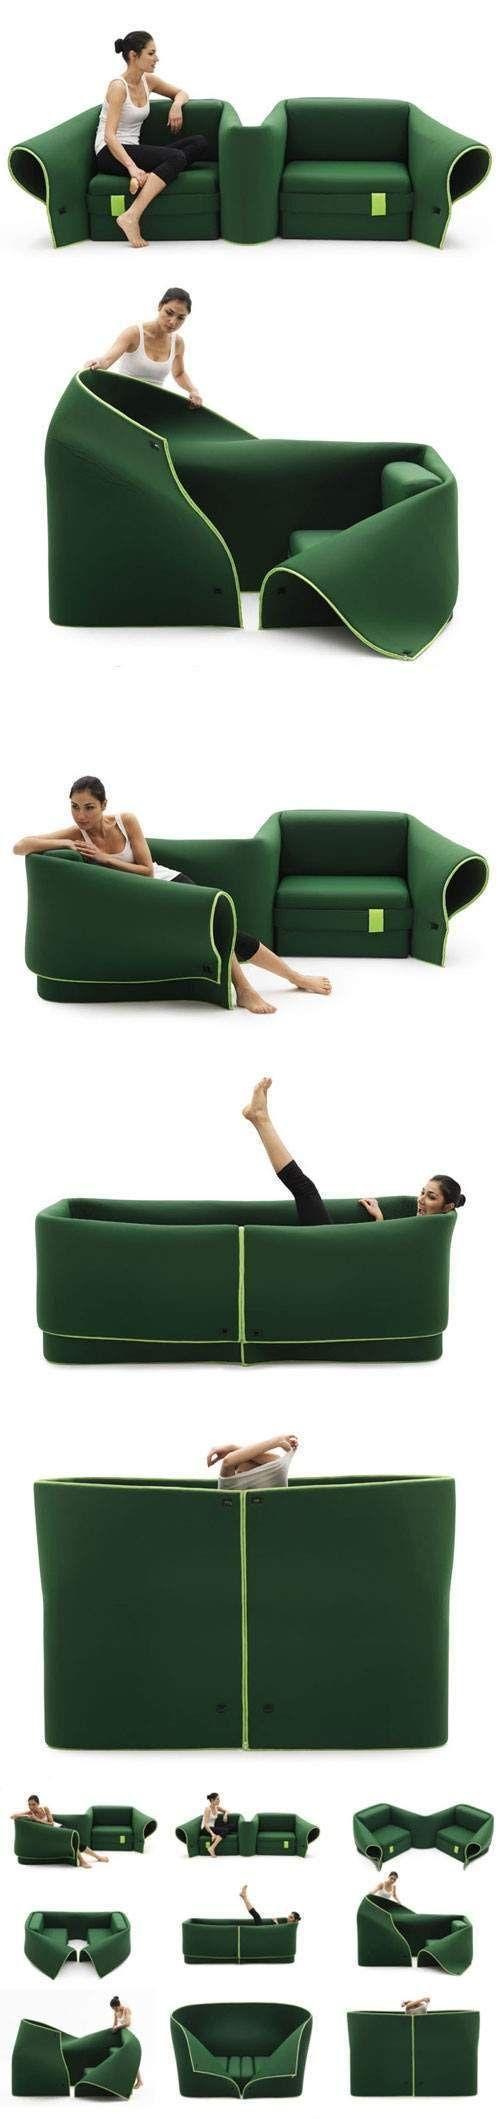 Mira todas las posibilidades que tienes para transformar esta silla. Todo en uno.